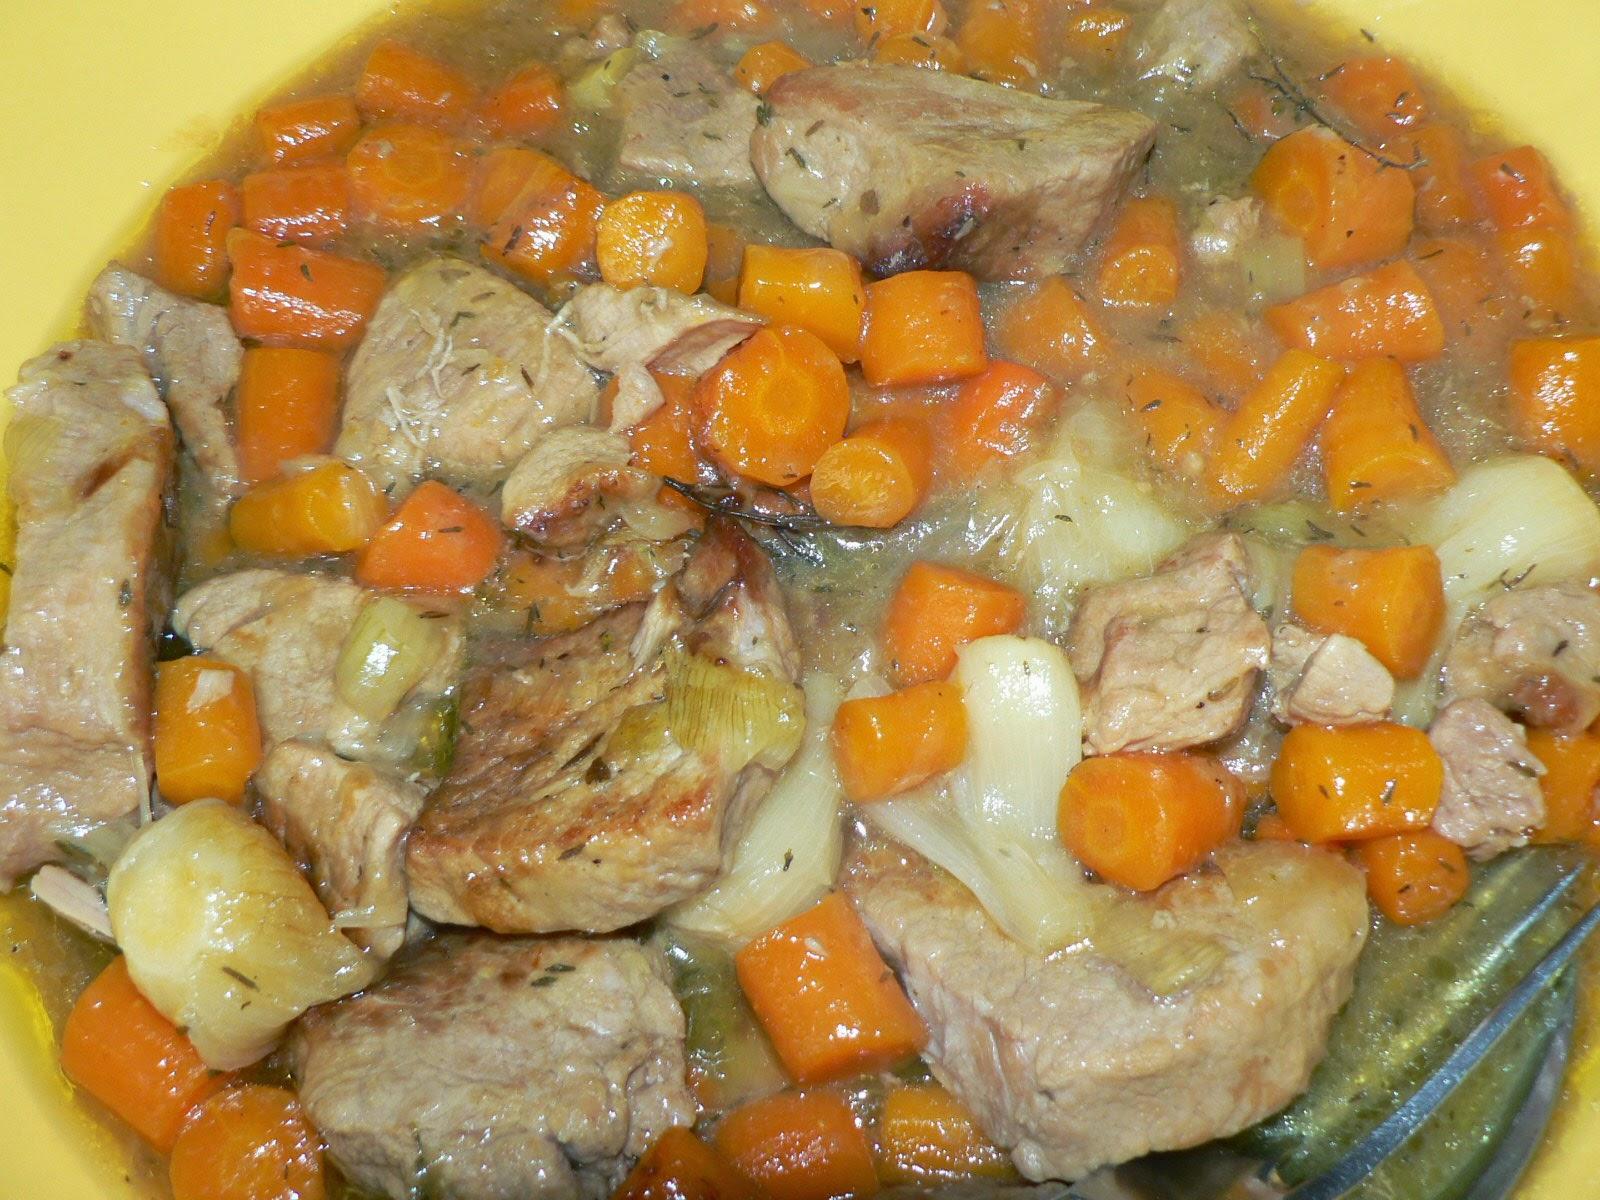 Une parisienne cuisine ma blanquette de veau - Cuisine blanquette de veau ...